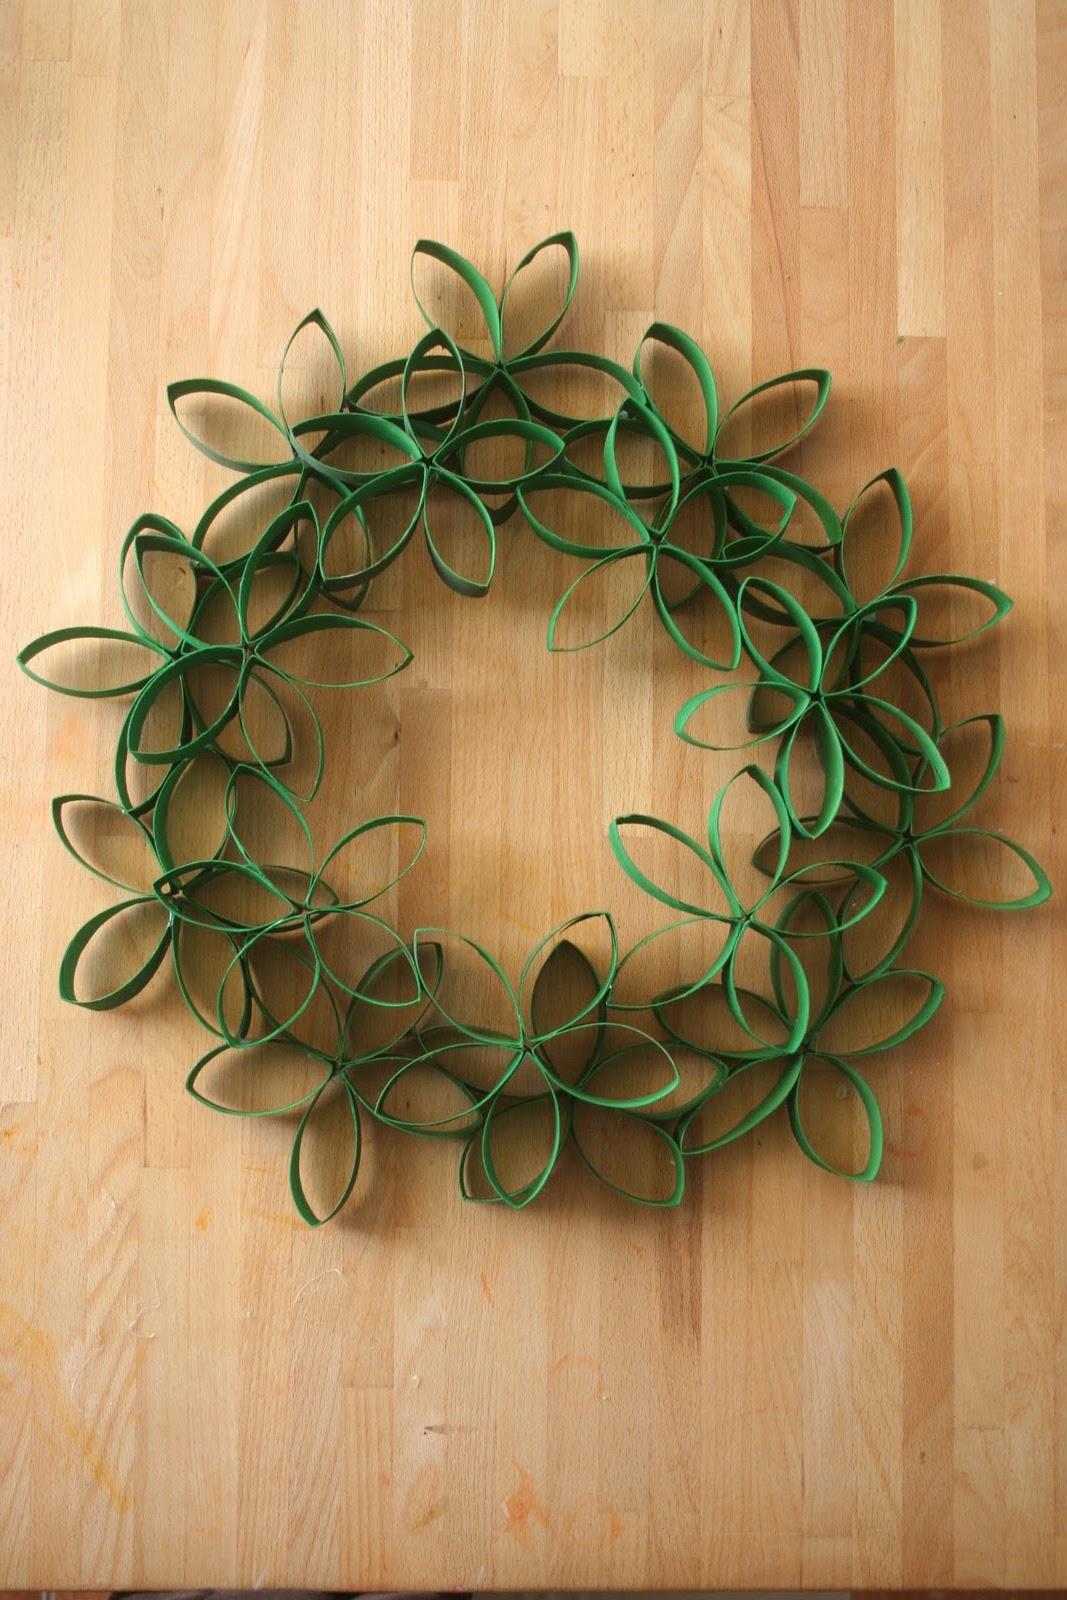 Podemos utilizar pegamento o peque os alfileres para sujetar las bolitas de plastilina y ya est - Como hacer coronas navidenas ...